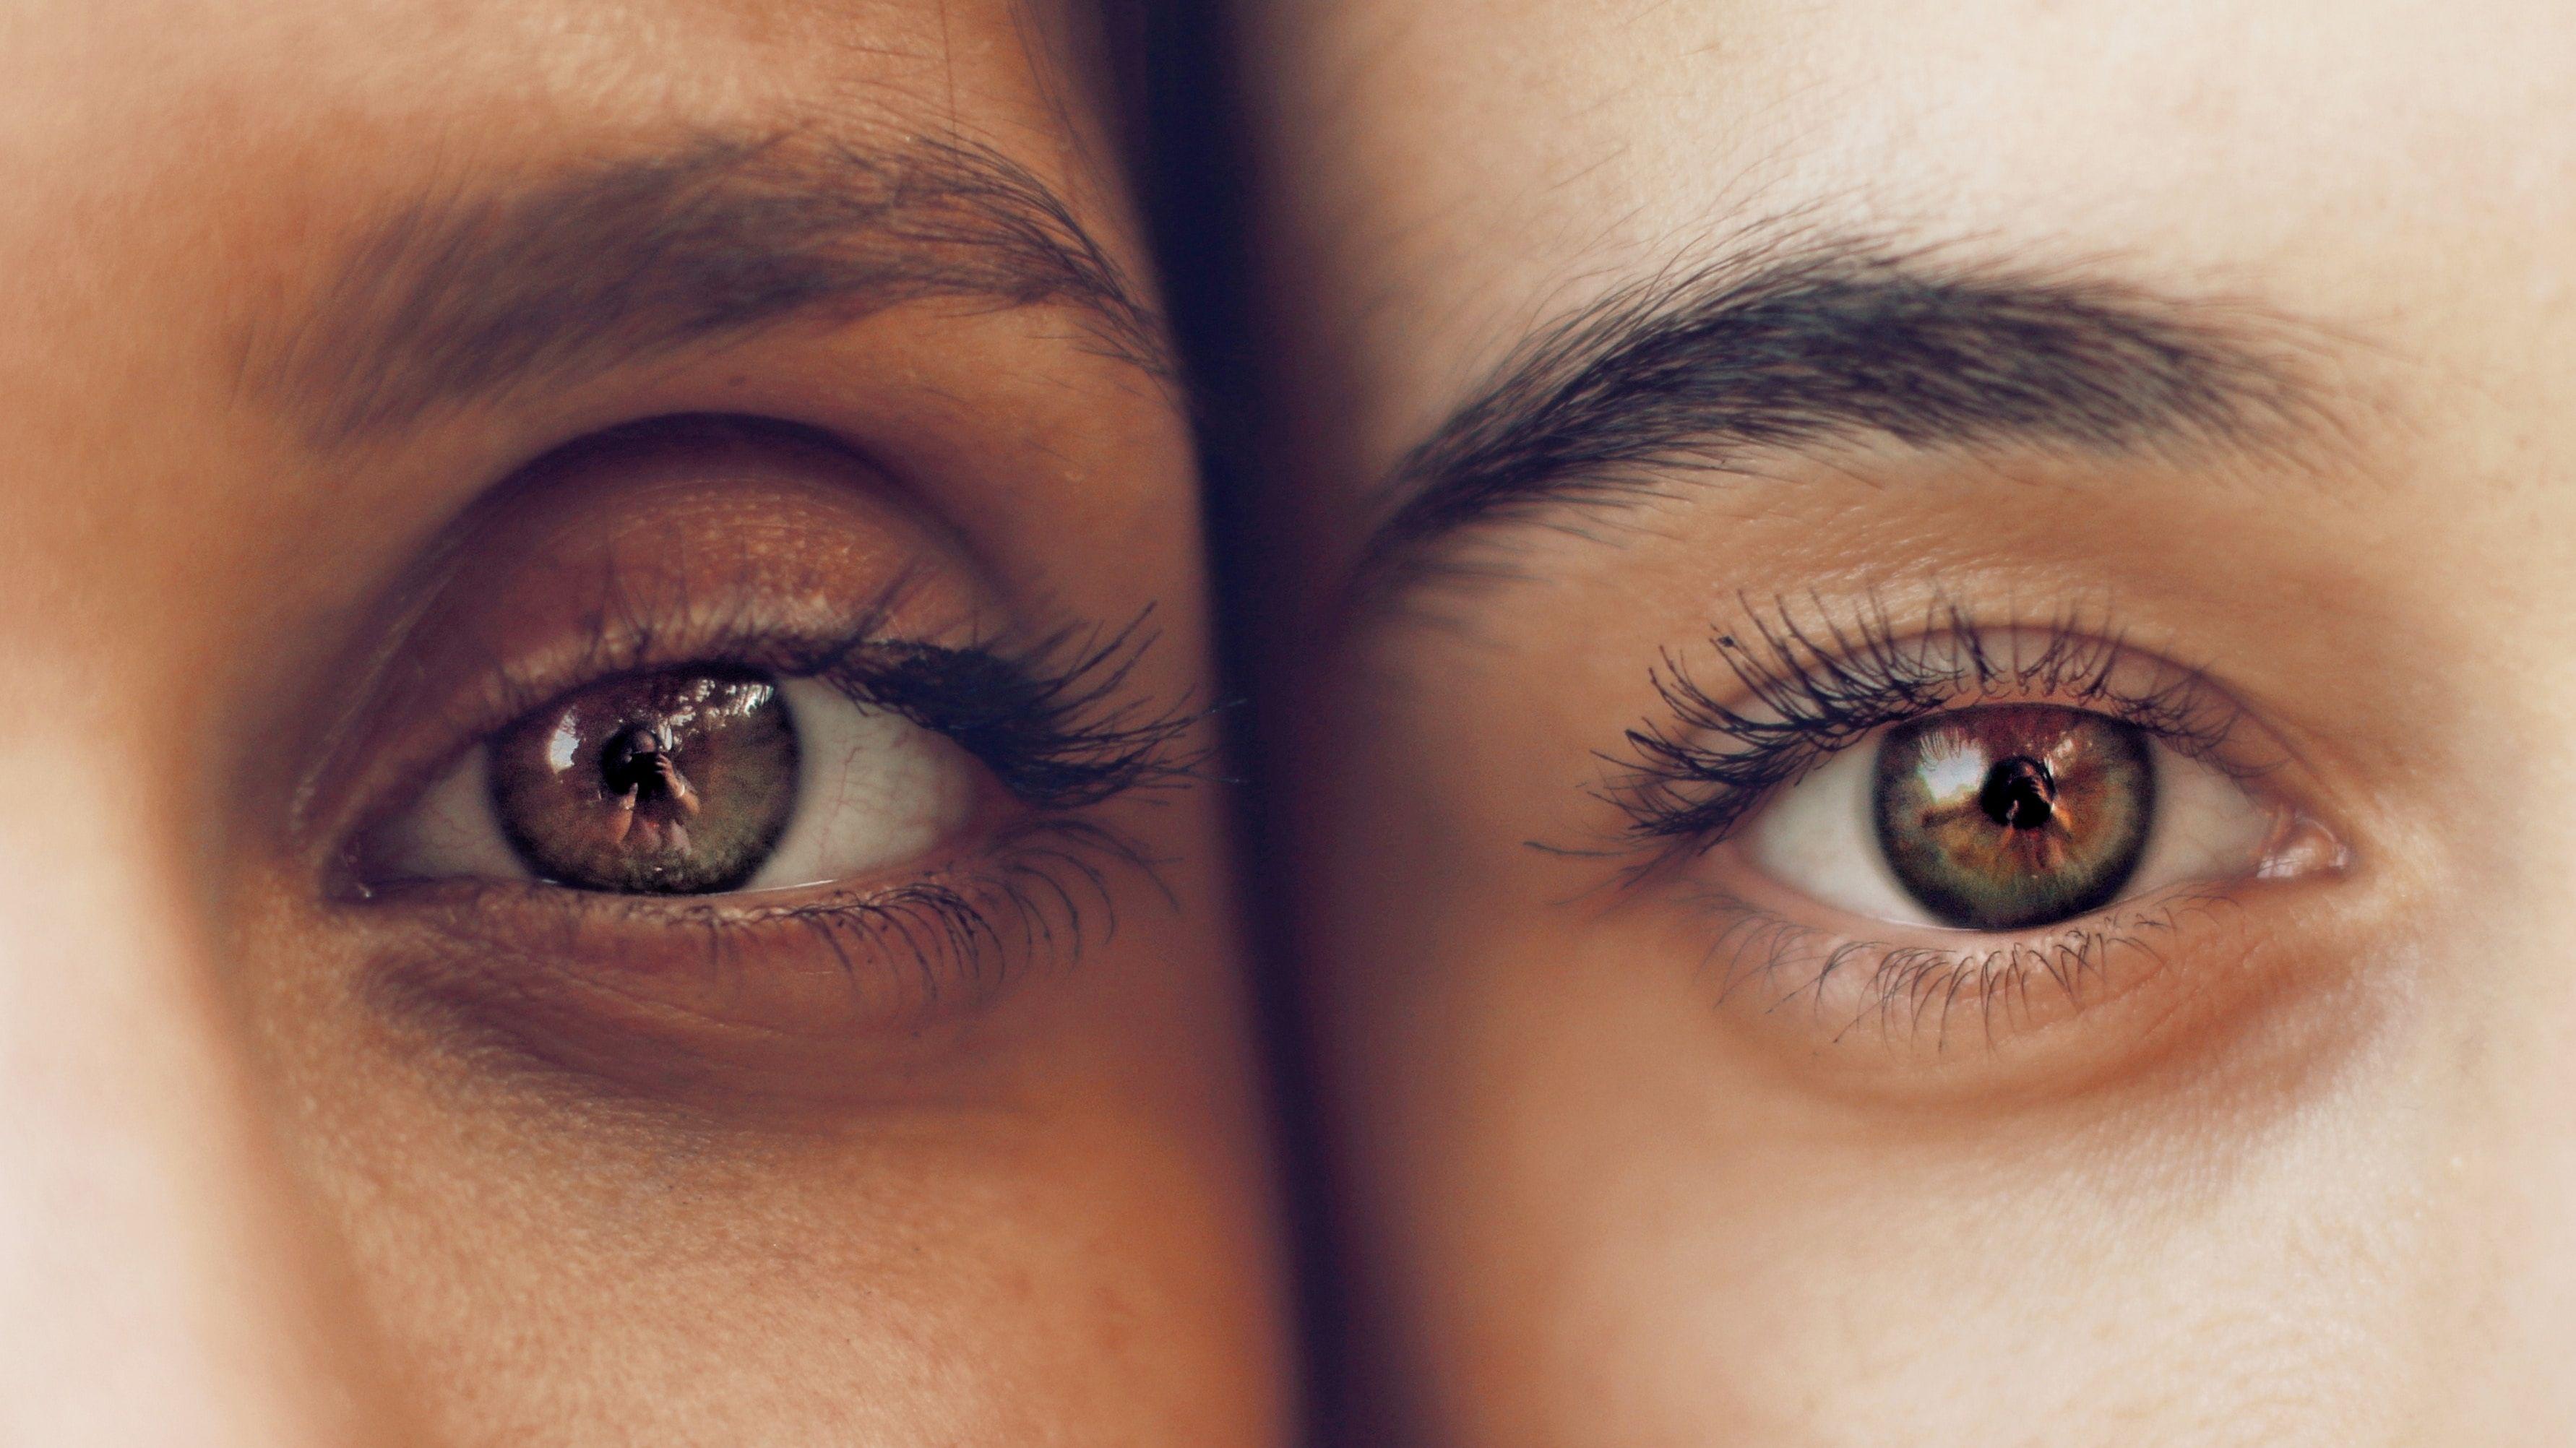 mörka ringar under ögonen orsak